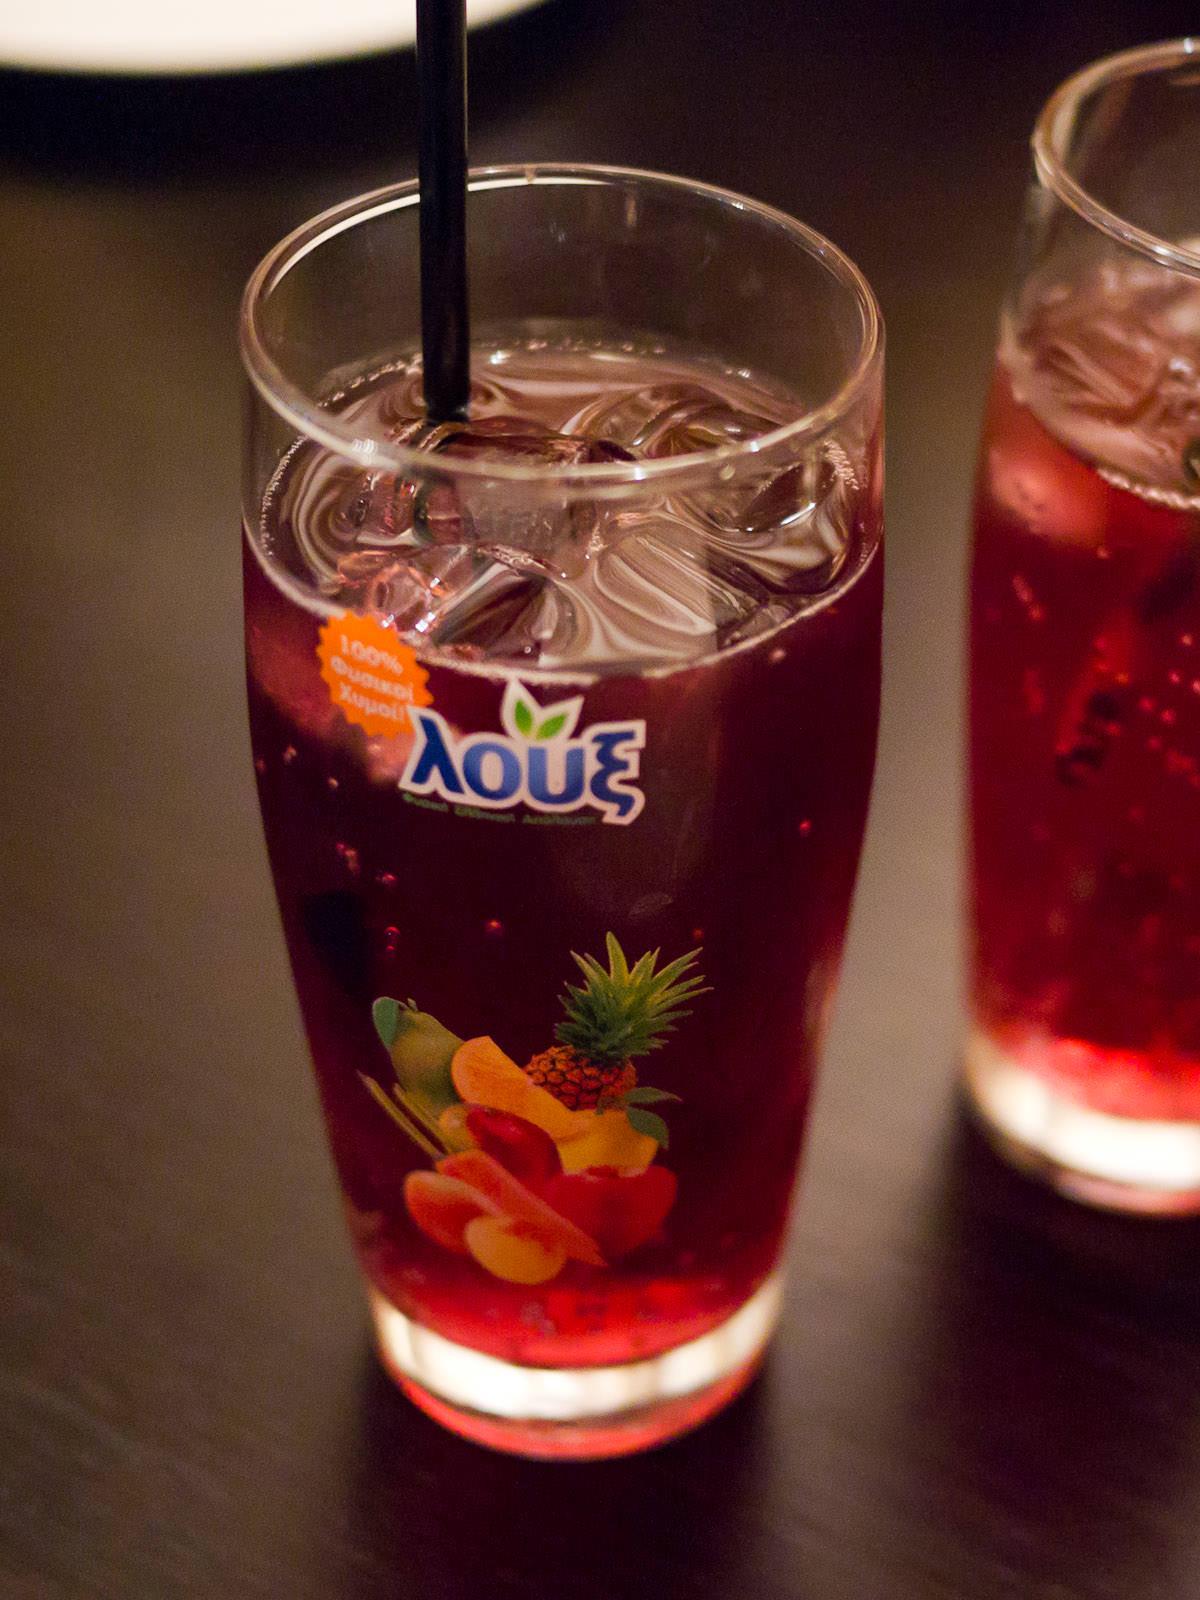 Greek sparkling juice - sour cherry flavour (AU$6)